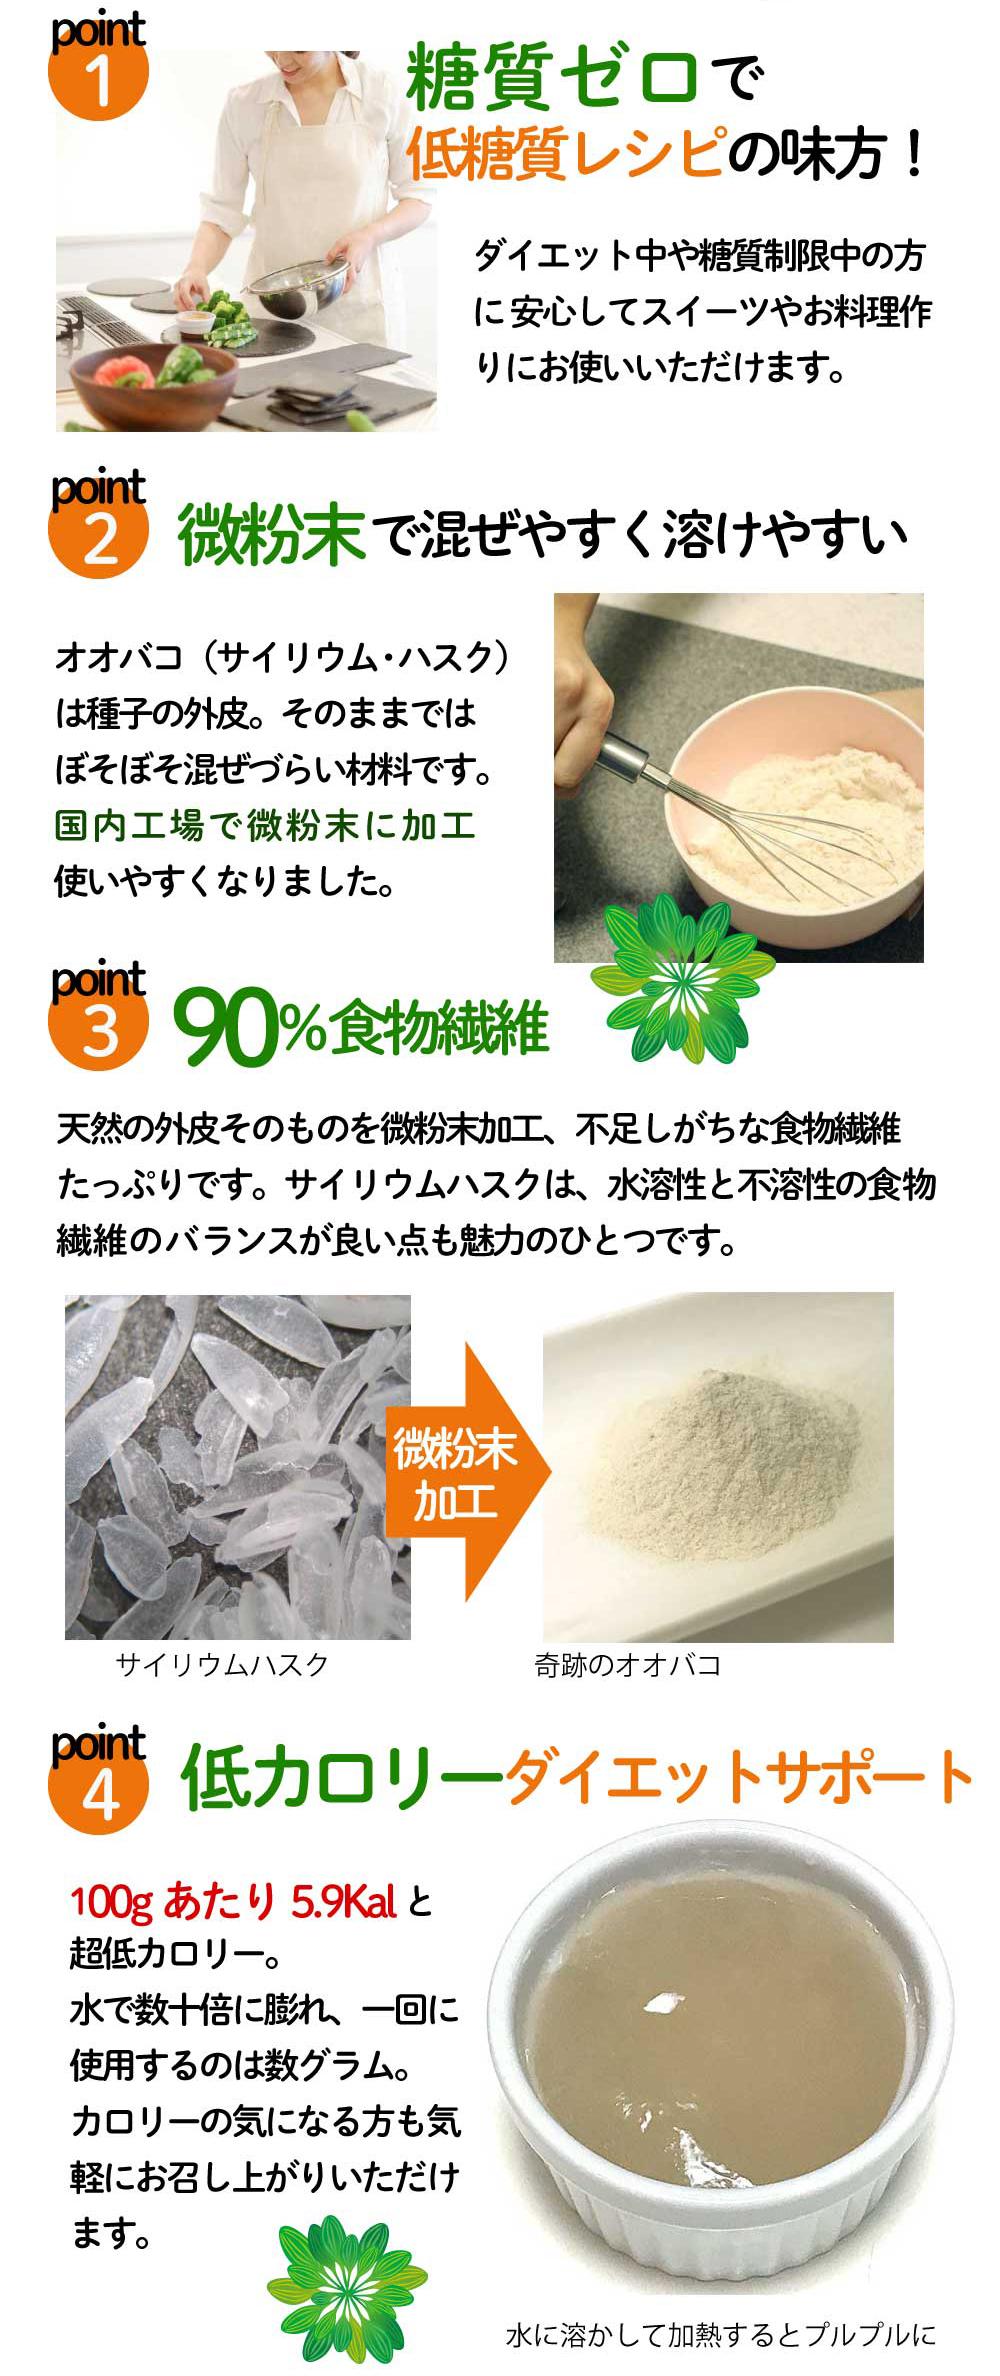 奇跡のサイリウム 糖質ゼロ 微粉末 ダイエット サポート オオバコ サイリウム 粉末 サイリウムハスク オオバコダイエット